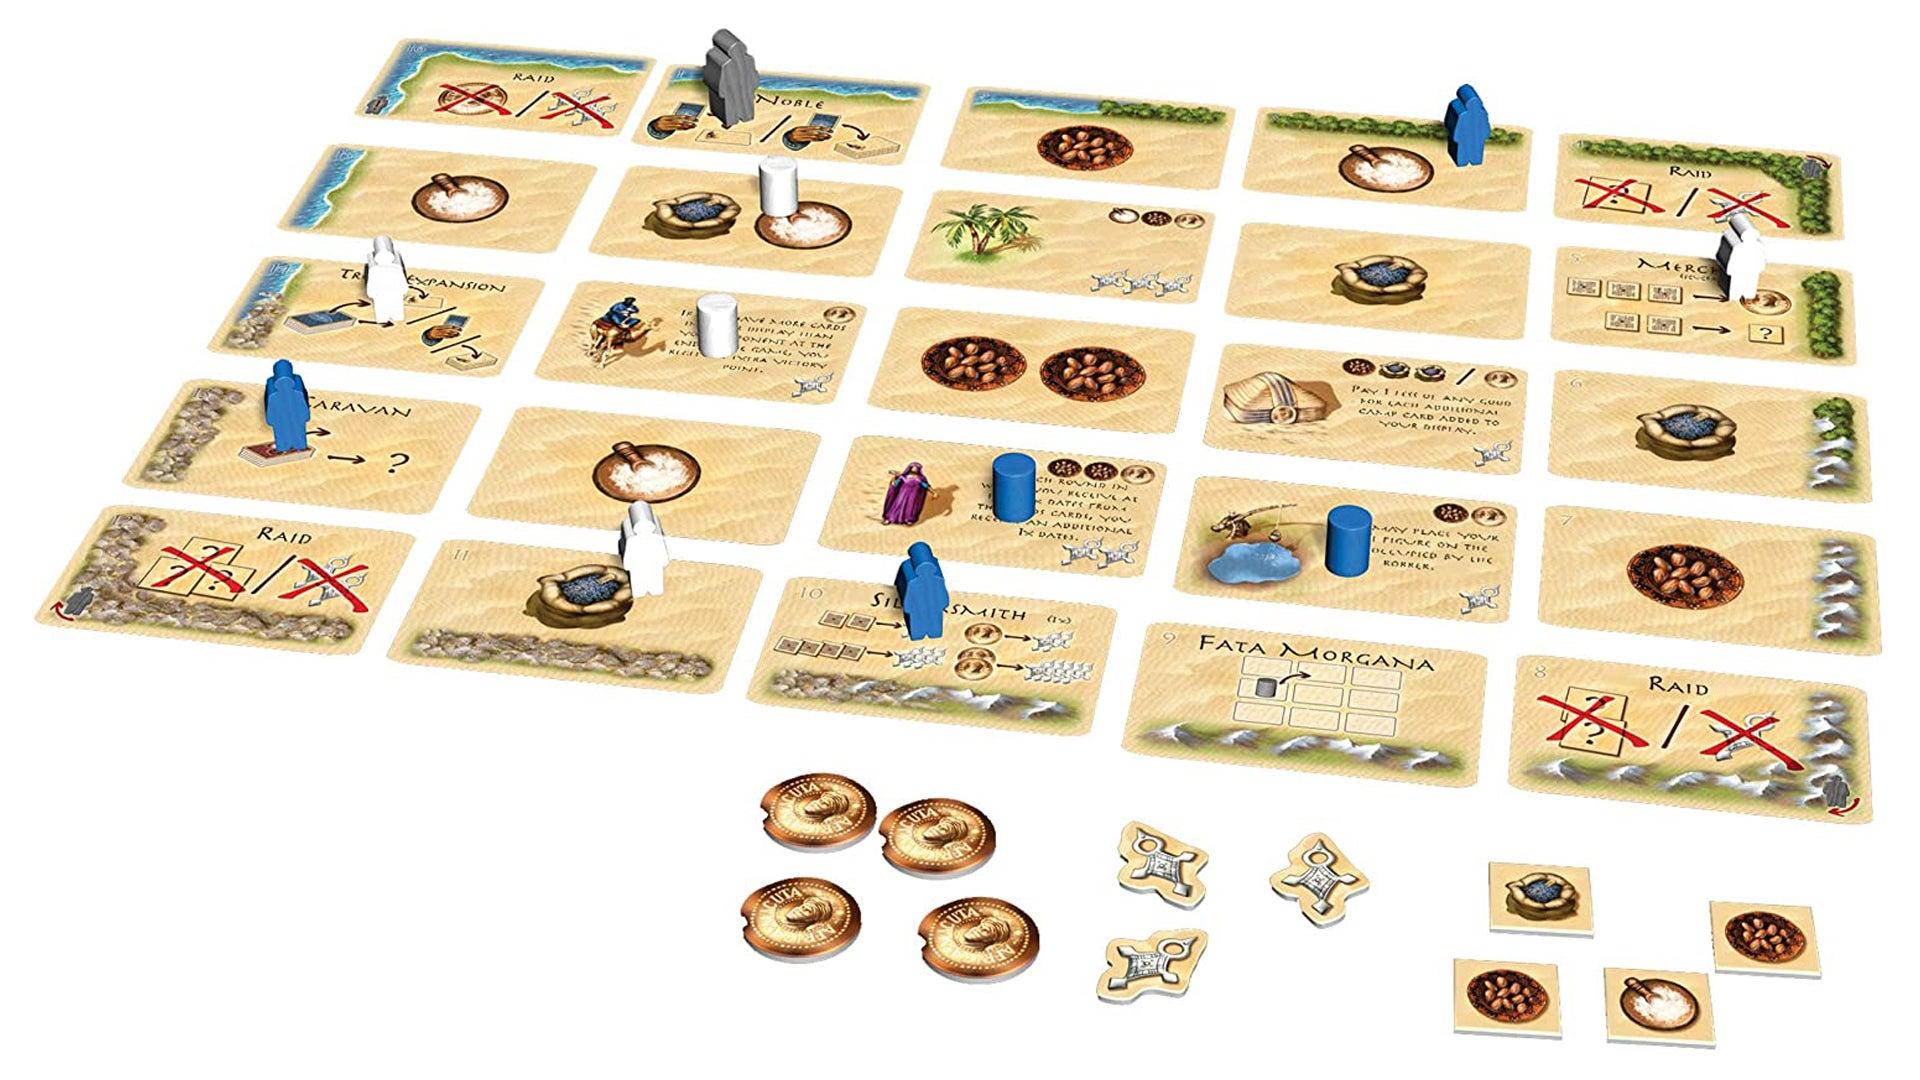 Targi layout image